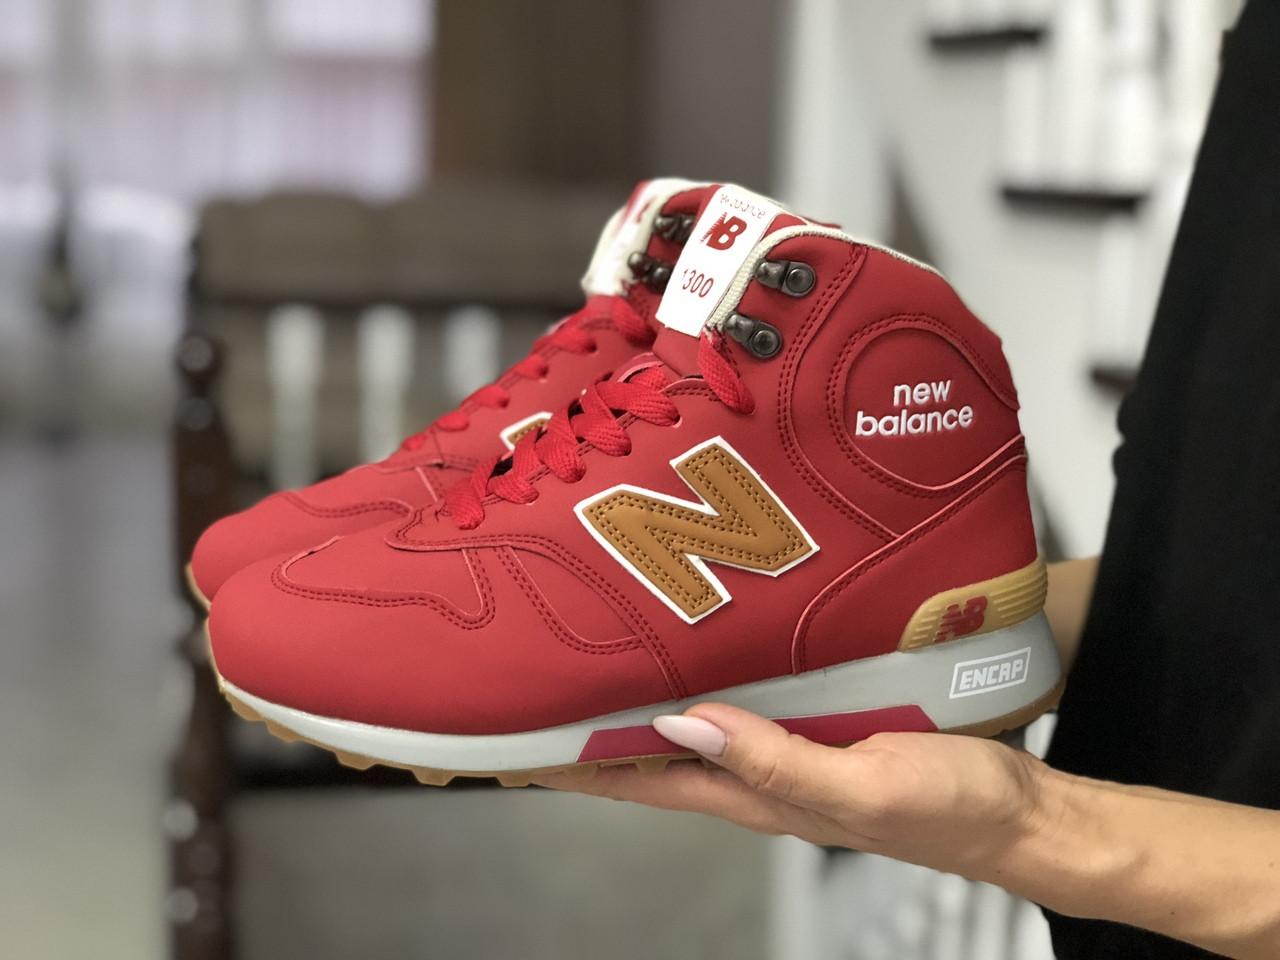 Женские зимние кроссовки (в стиле) New Balance 1300,нубук,красные